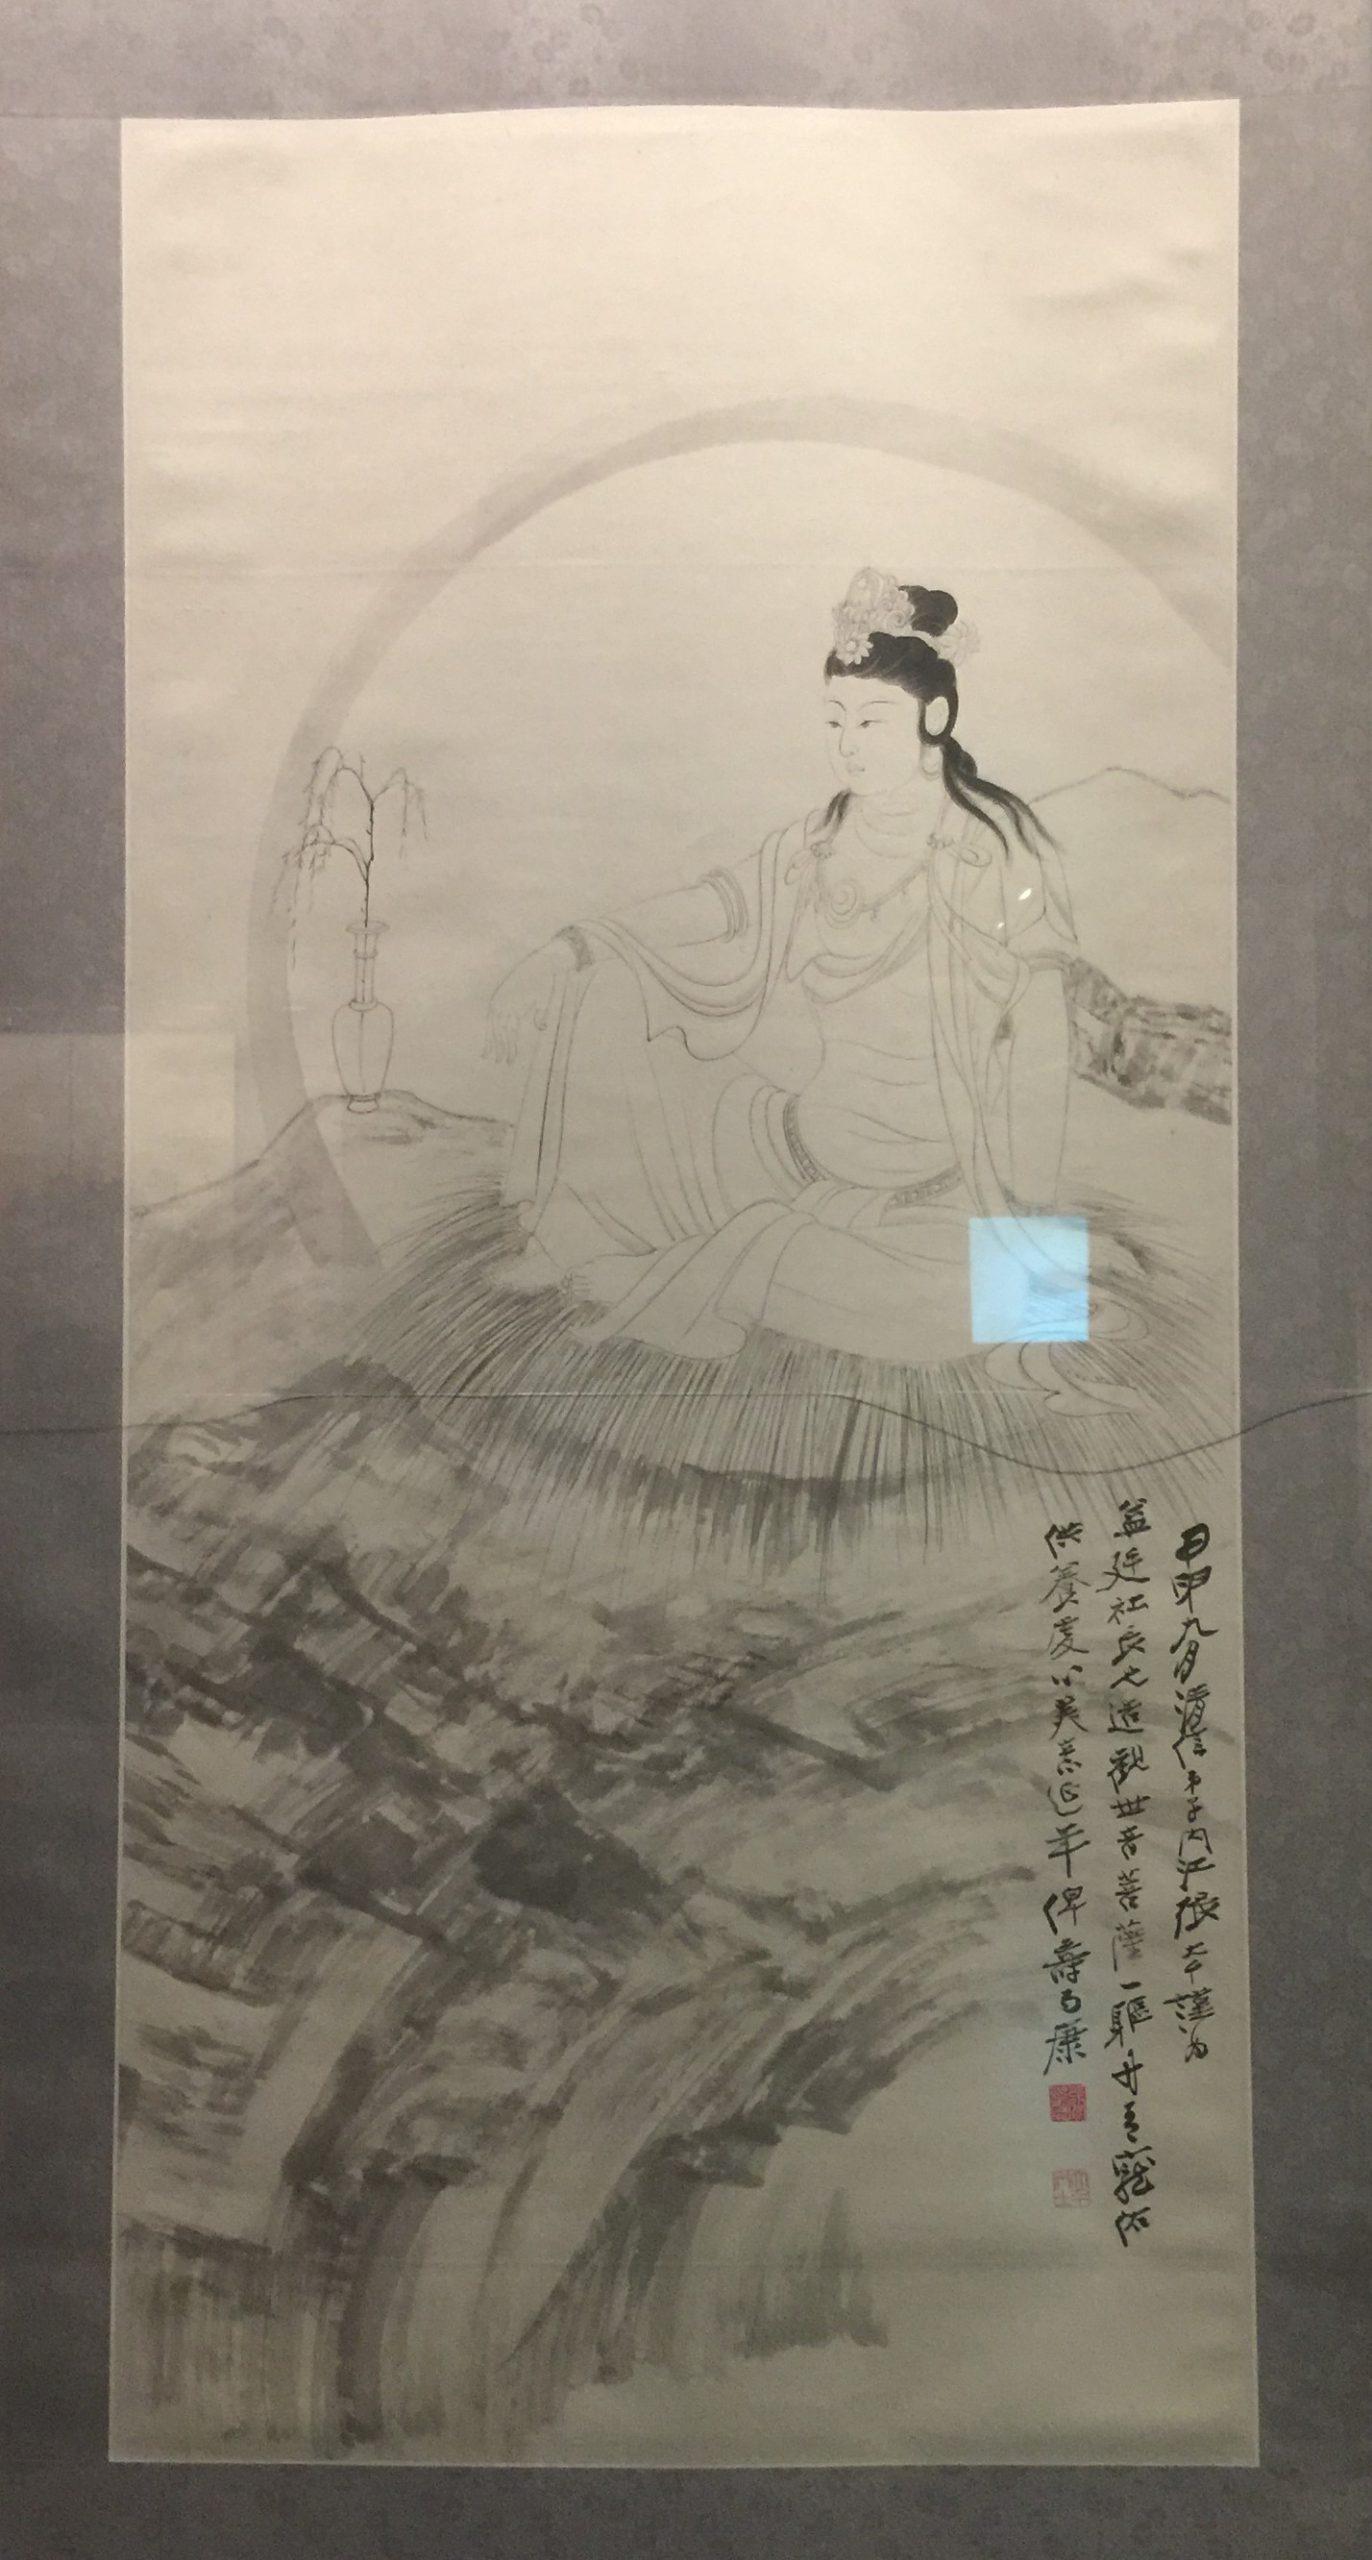 水墨観音像-張大千芸術館-四川博物院-成都